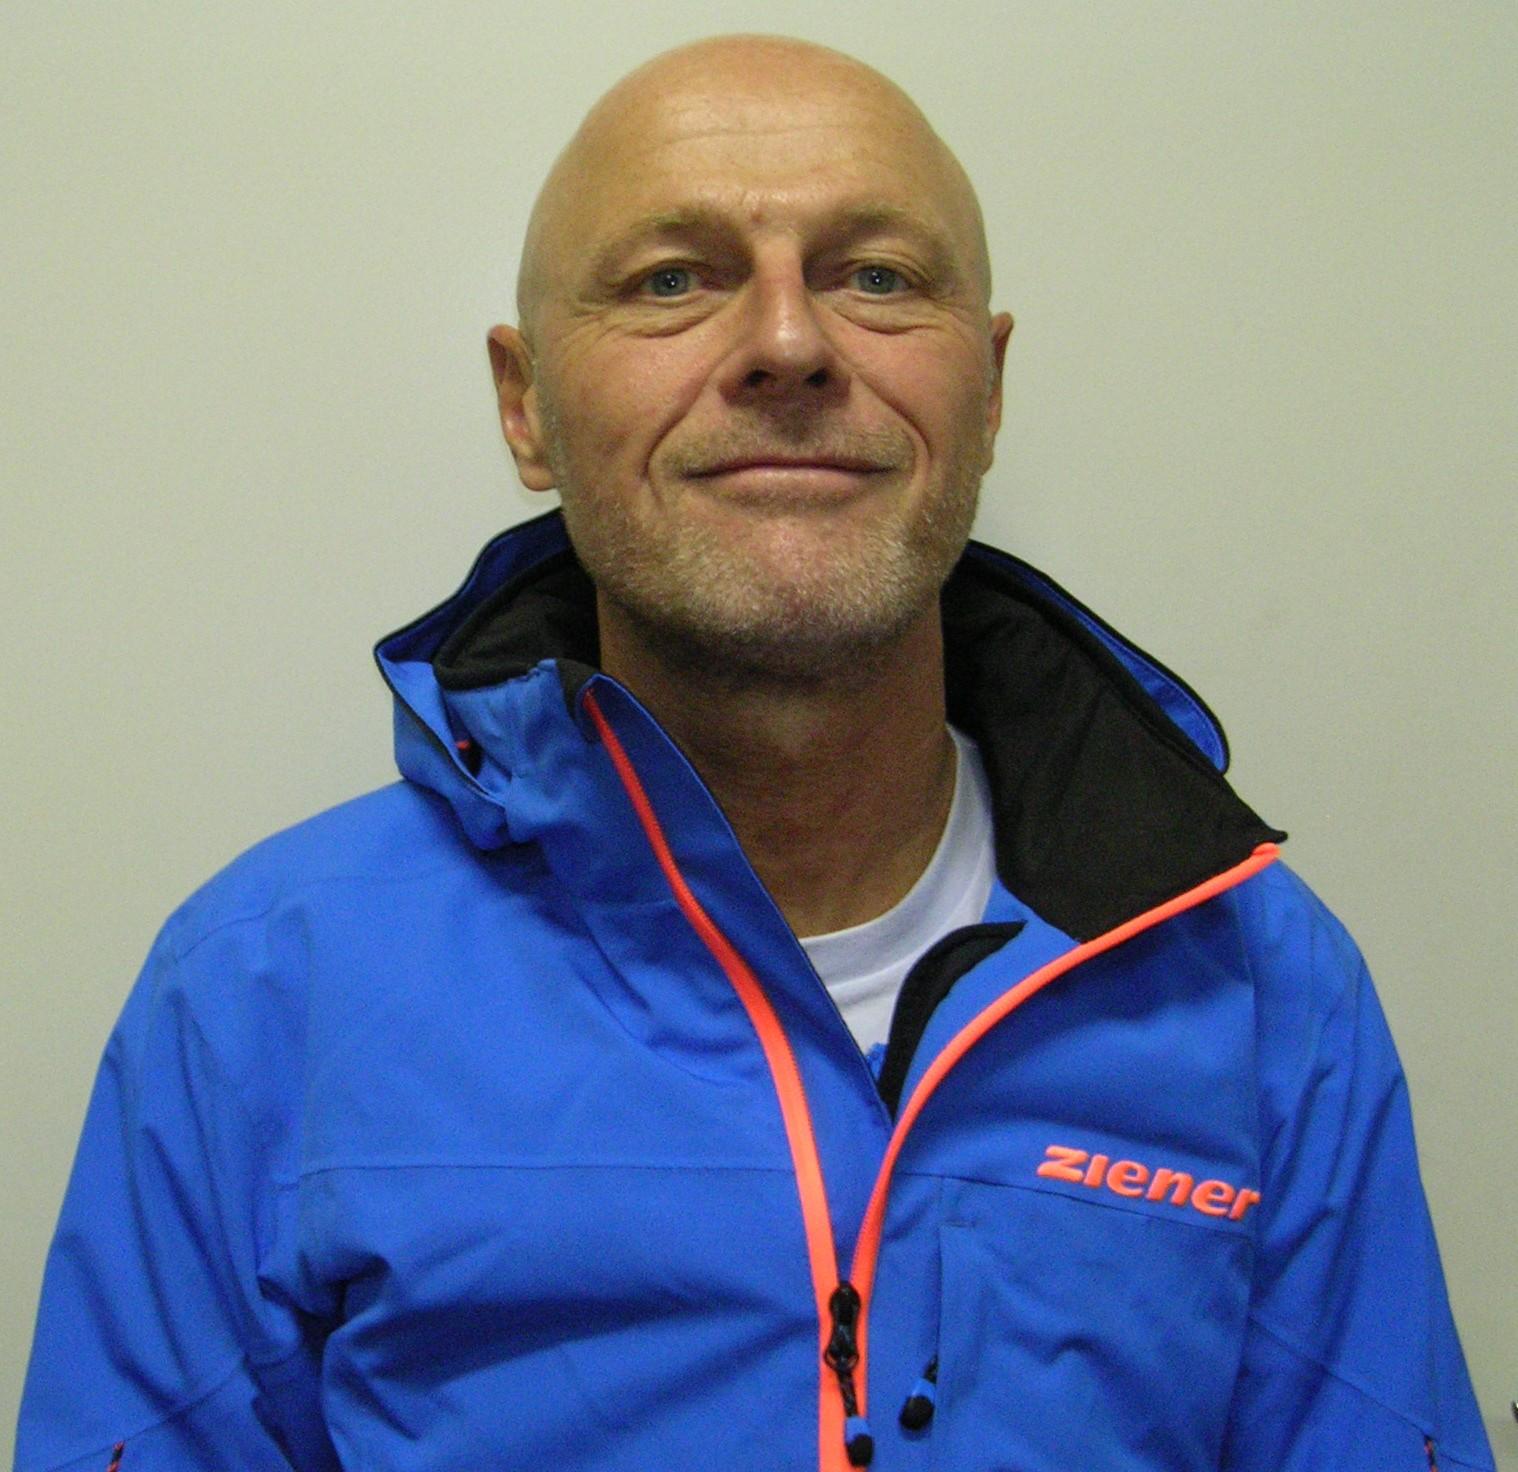 Pascal Hubscher